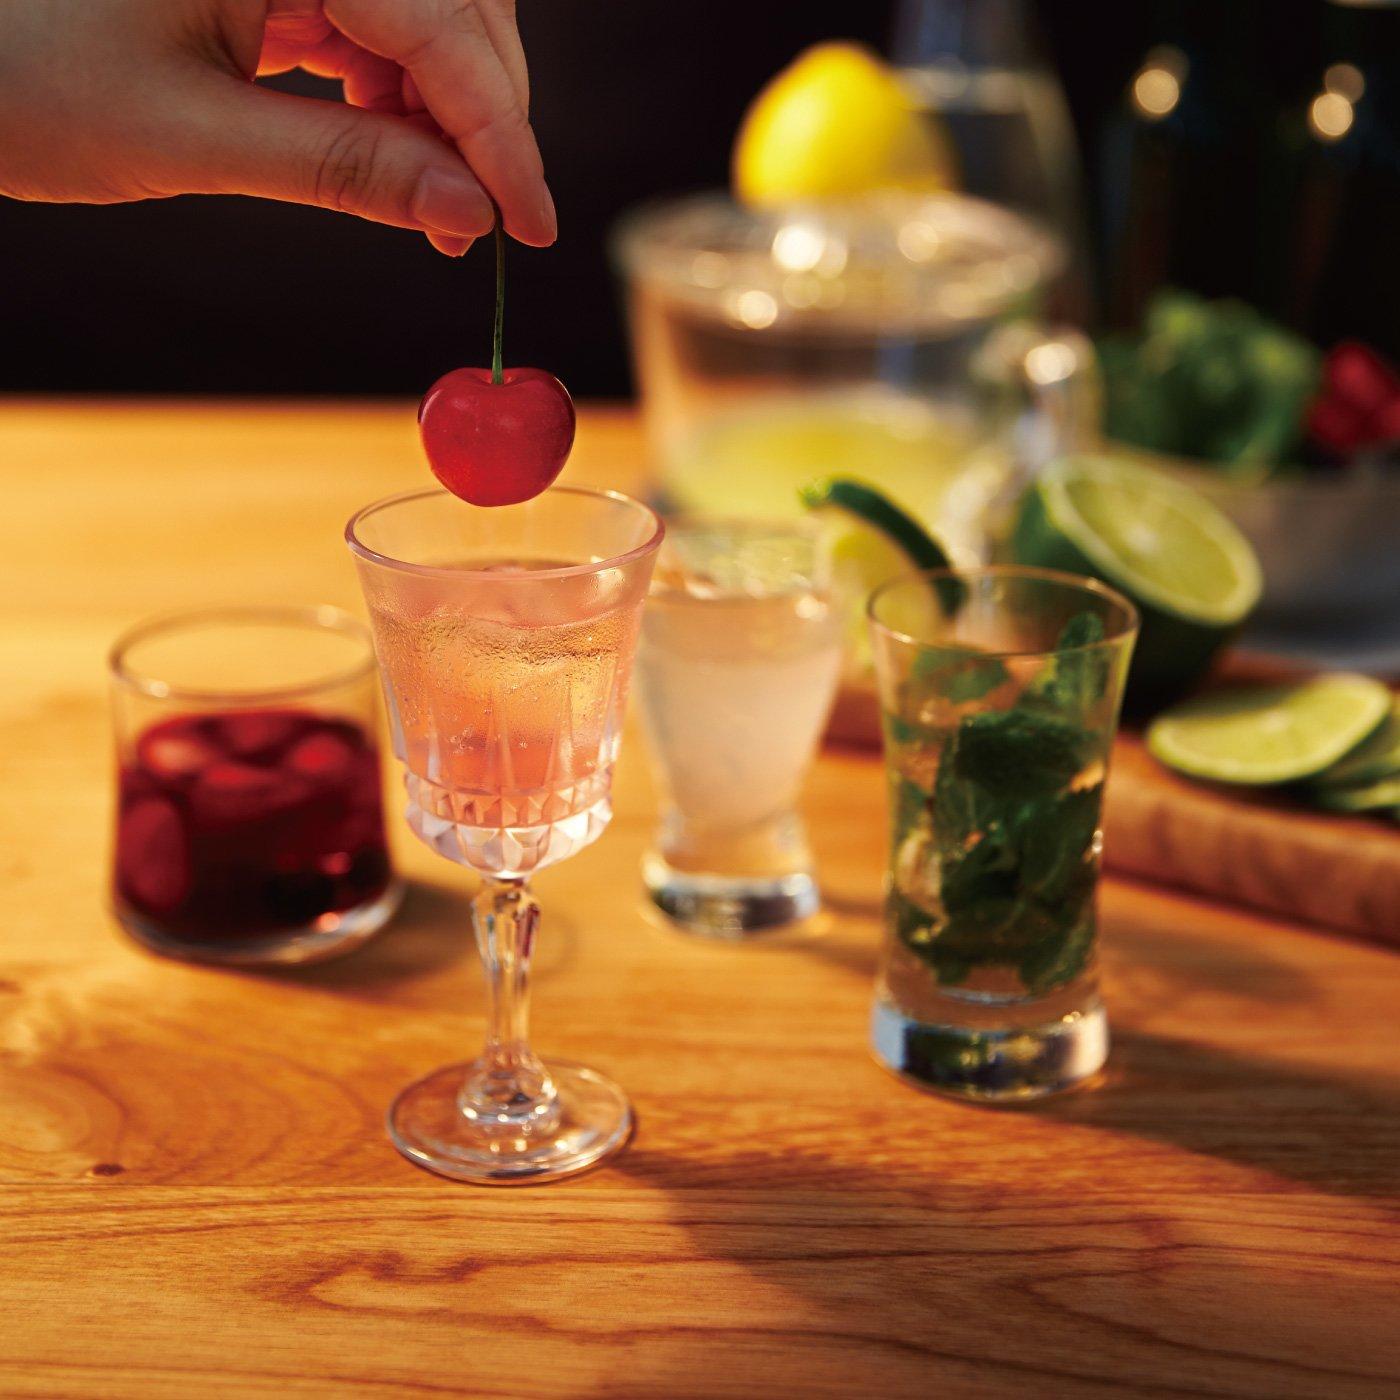 お酒となかよくなるプログラムをみんなで楽しむミニグラス[6回予約]